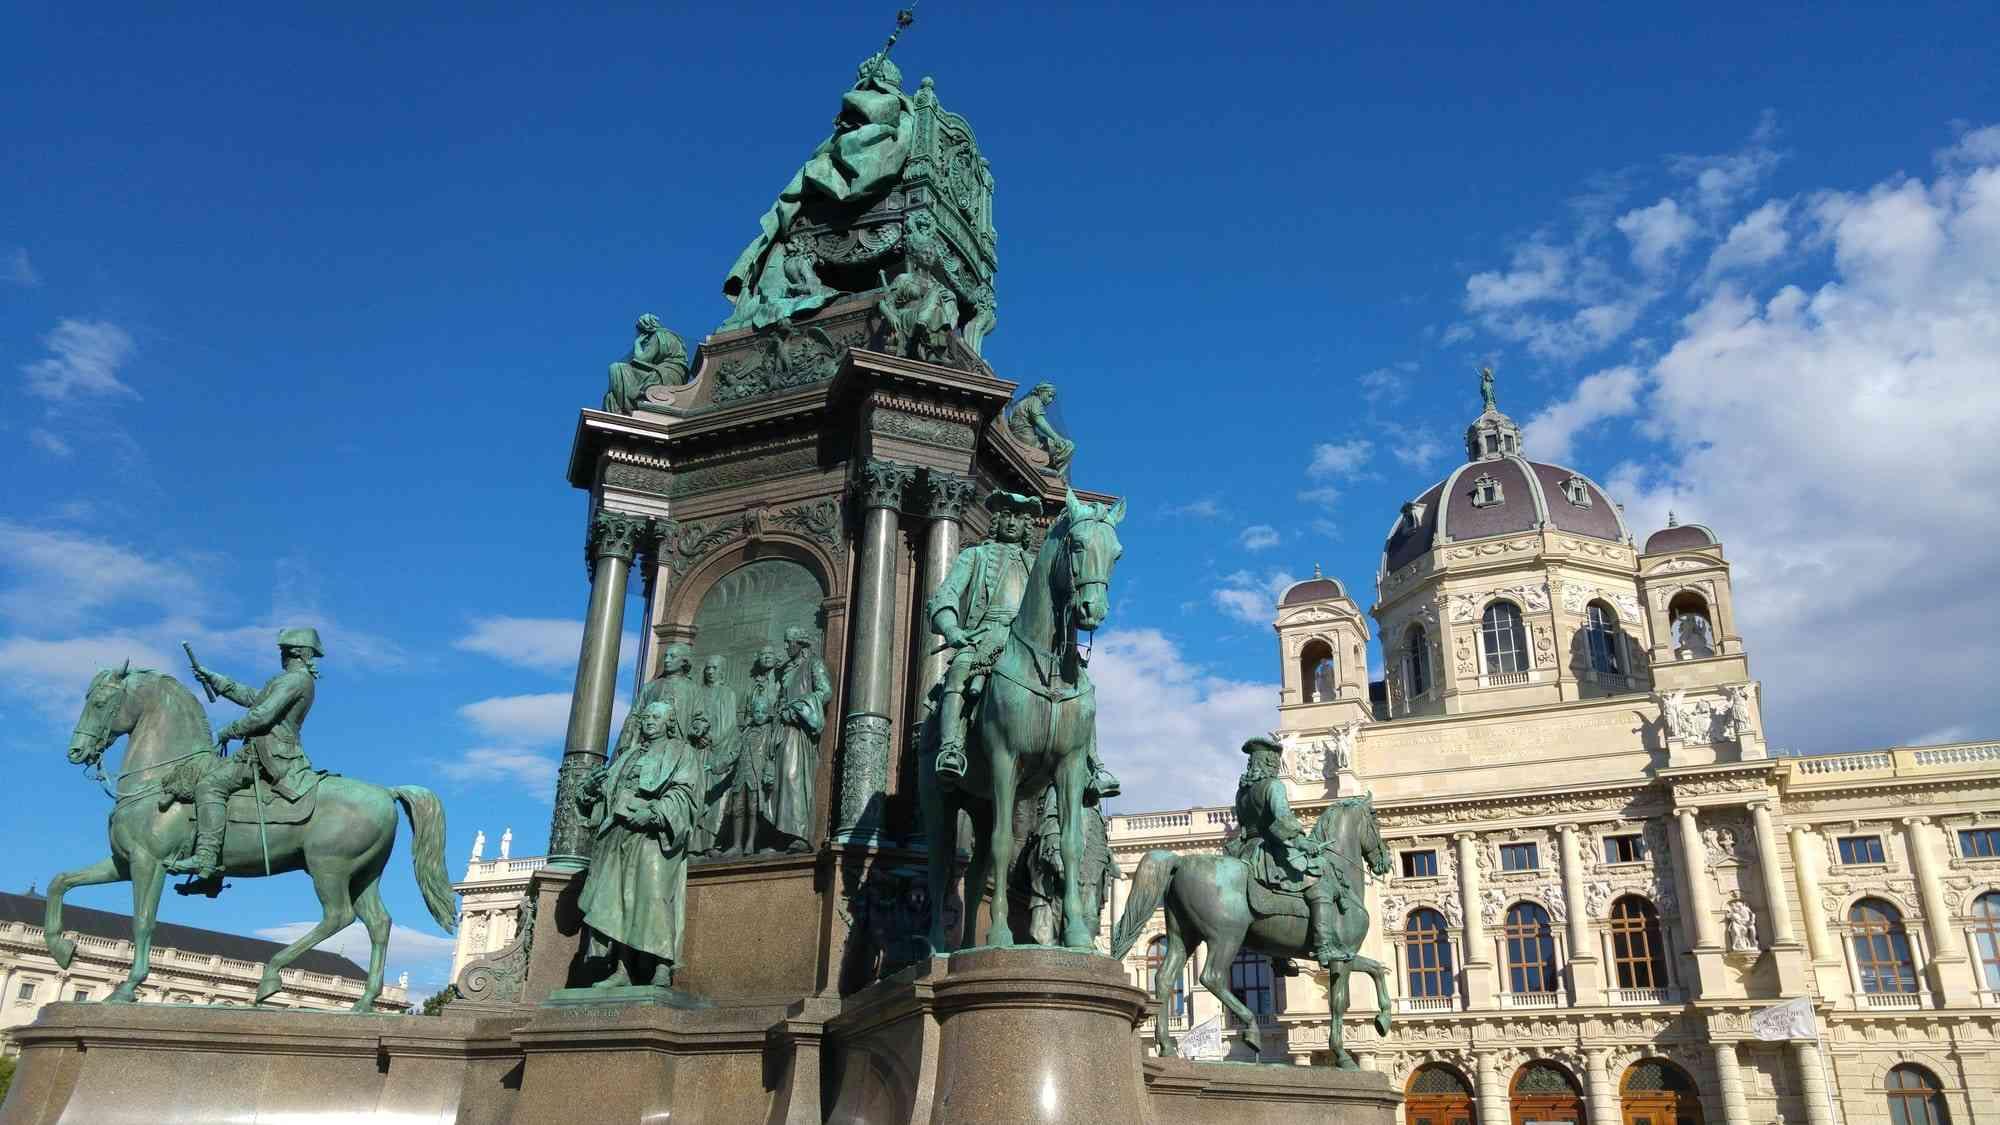 Museumsplatz - Maria Theresia